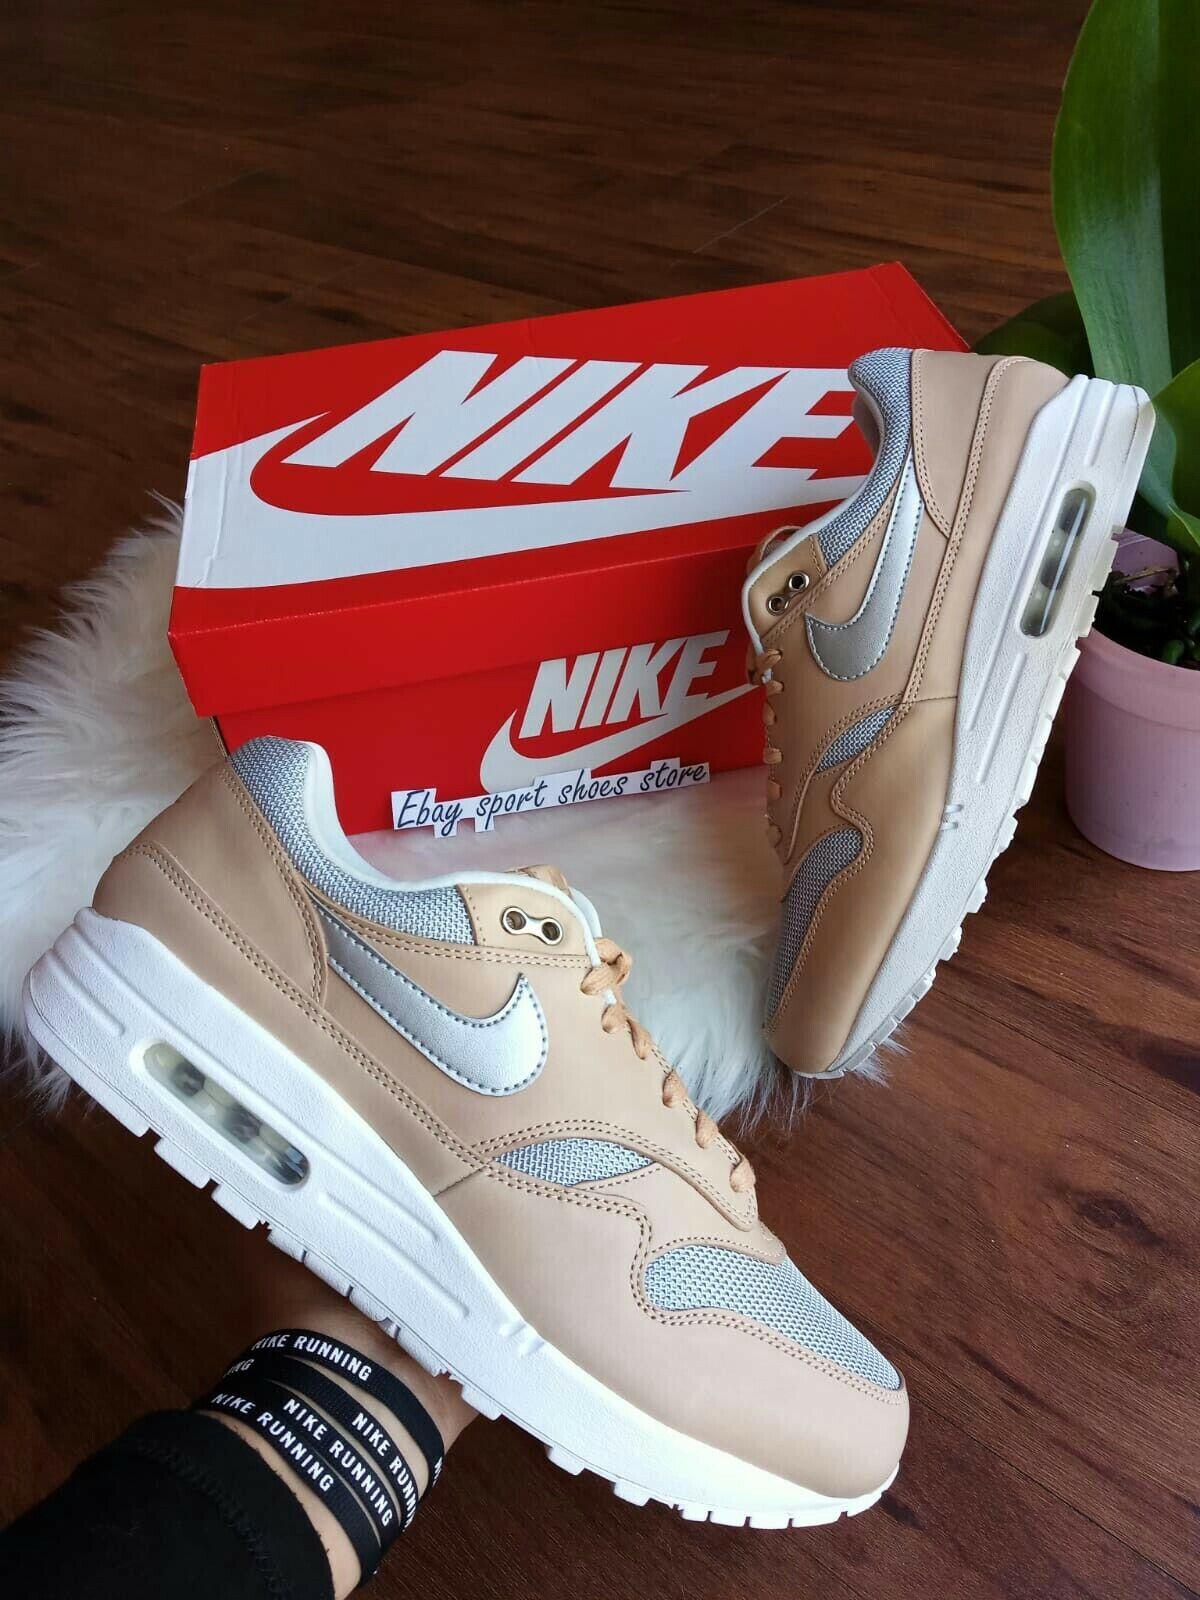 10 Wmns   8.5 hommes Nike Air Max 1 se PRM Vachetta Tan A00795 200 Running